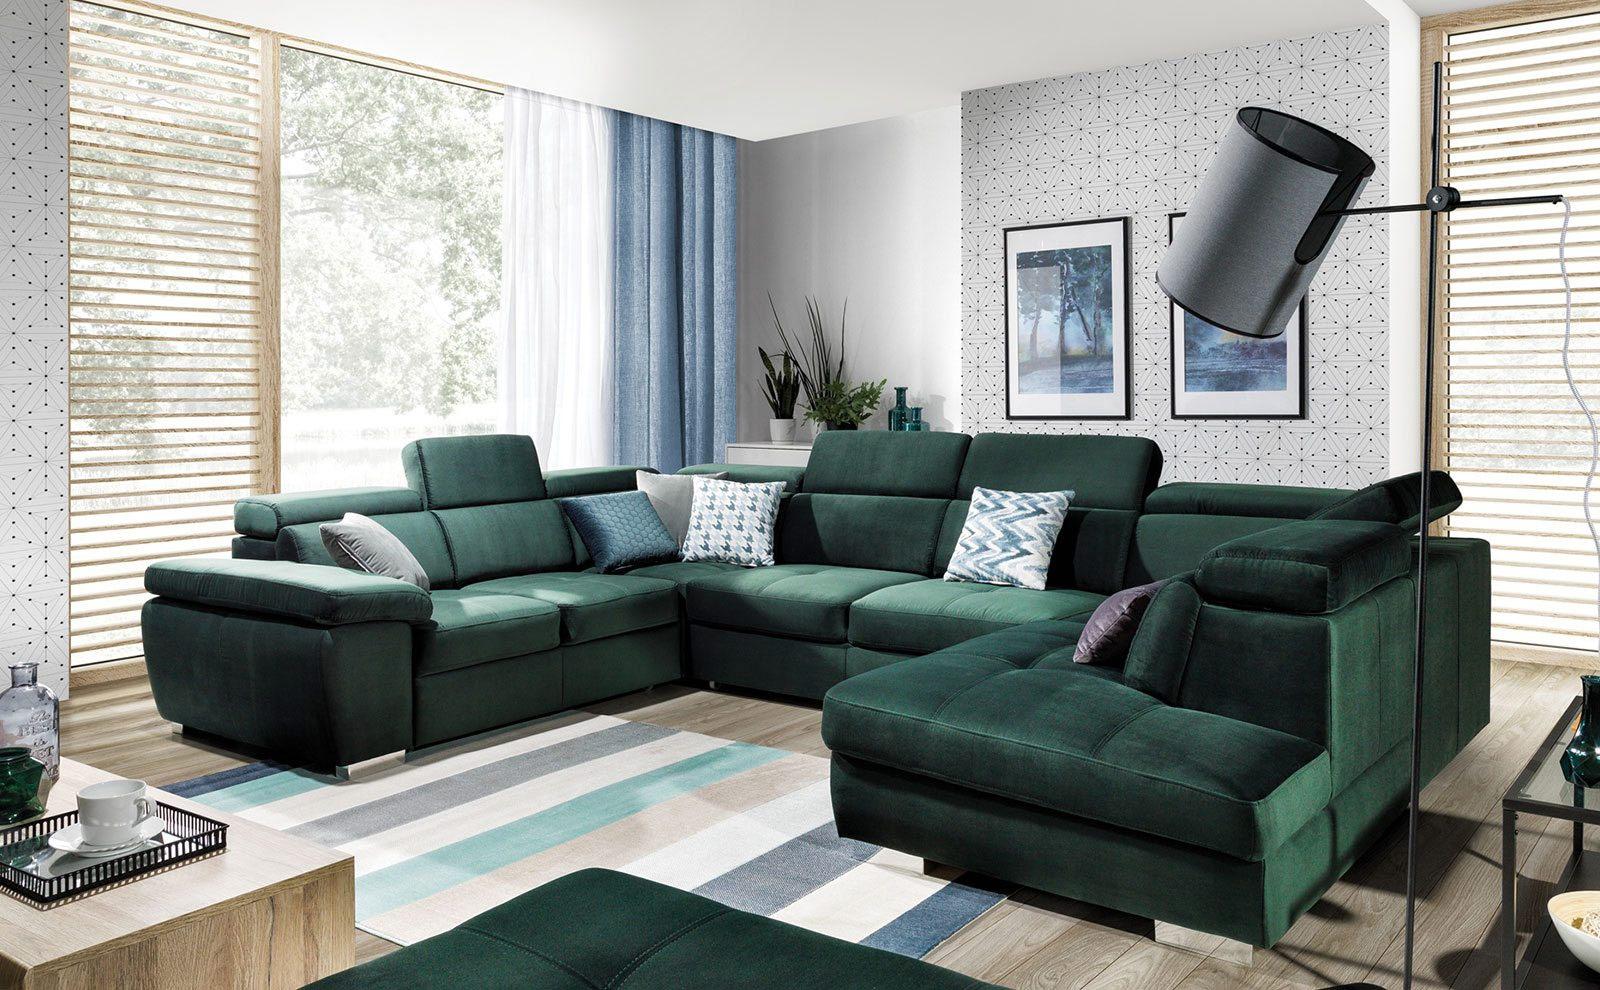 Мягкая мебель и стиль интерьера